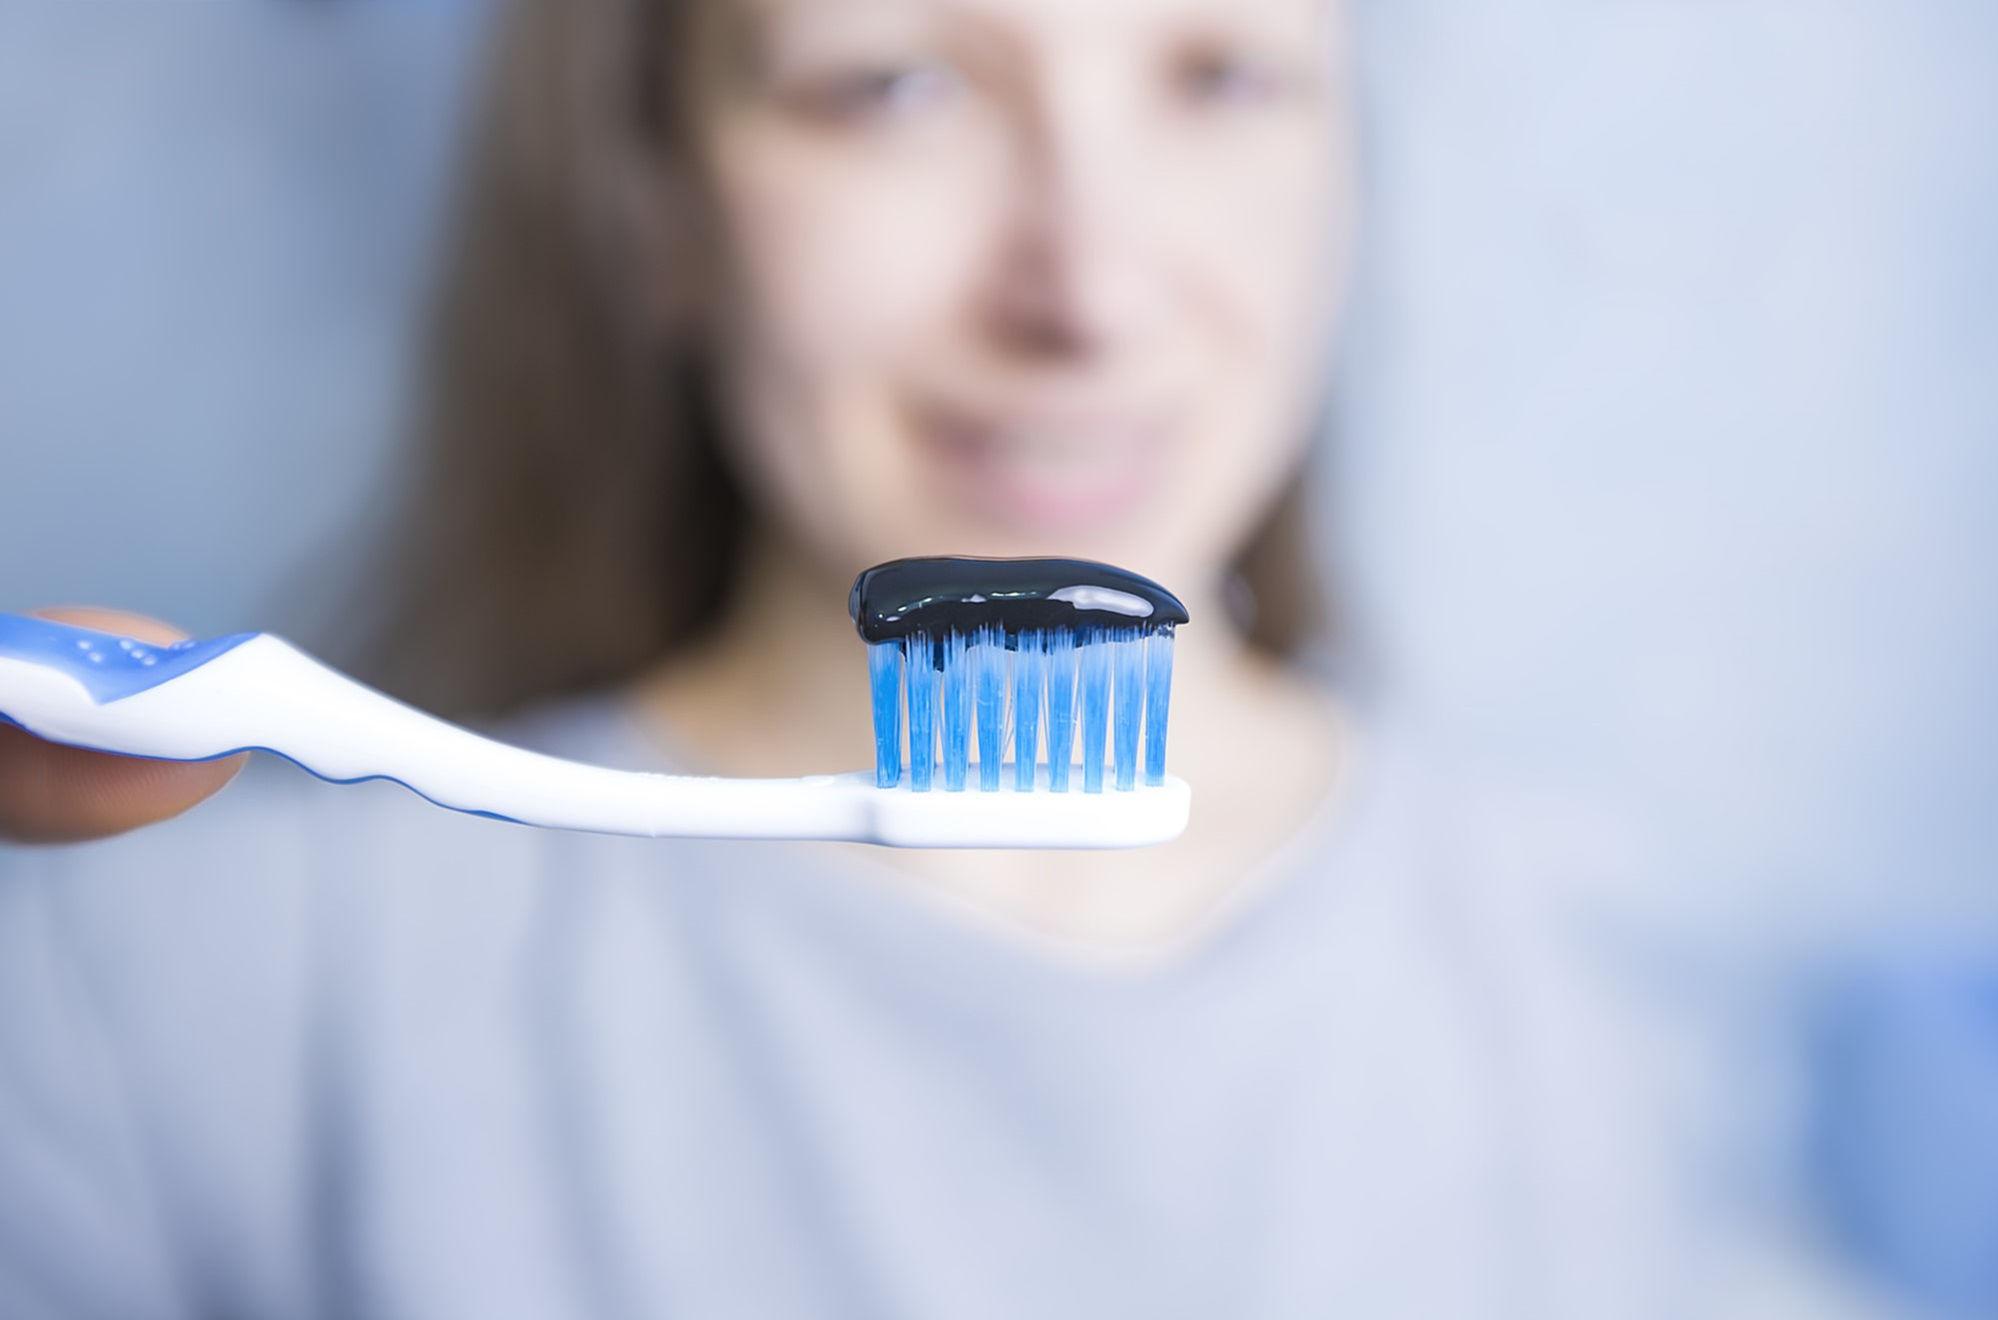 higiena zębów zabiegi stomatologiczne dentysta, wszystko co musisz wiedzieć